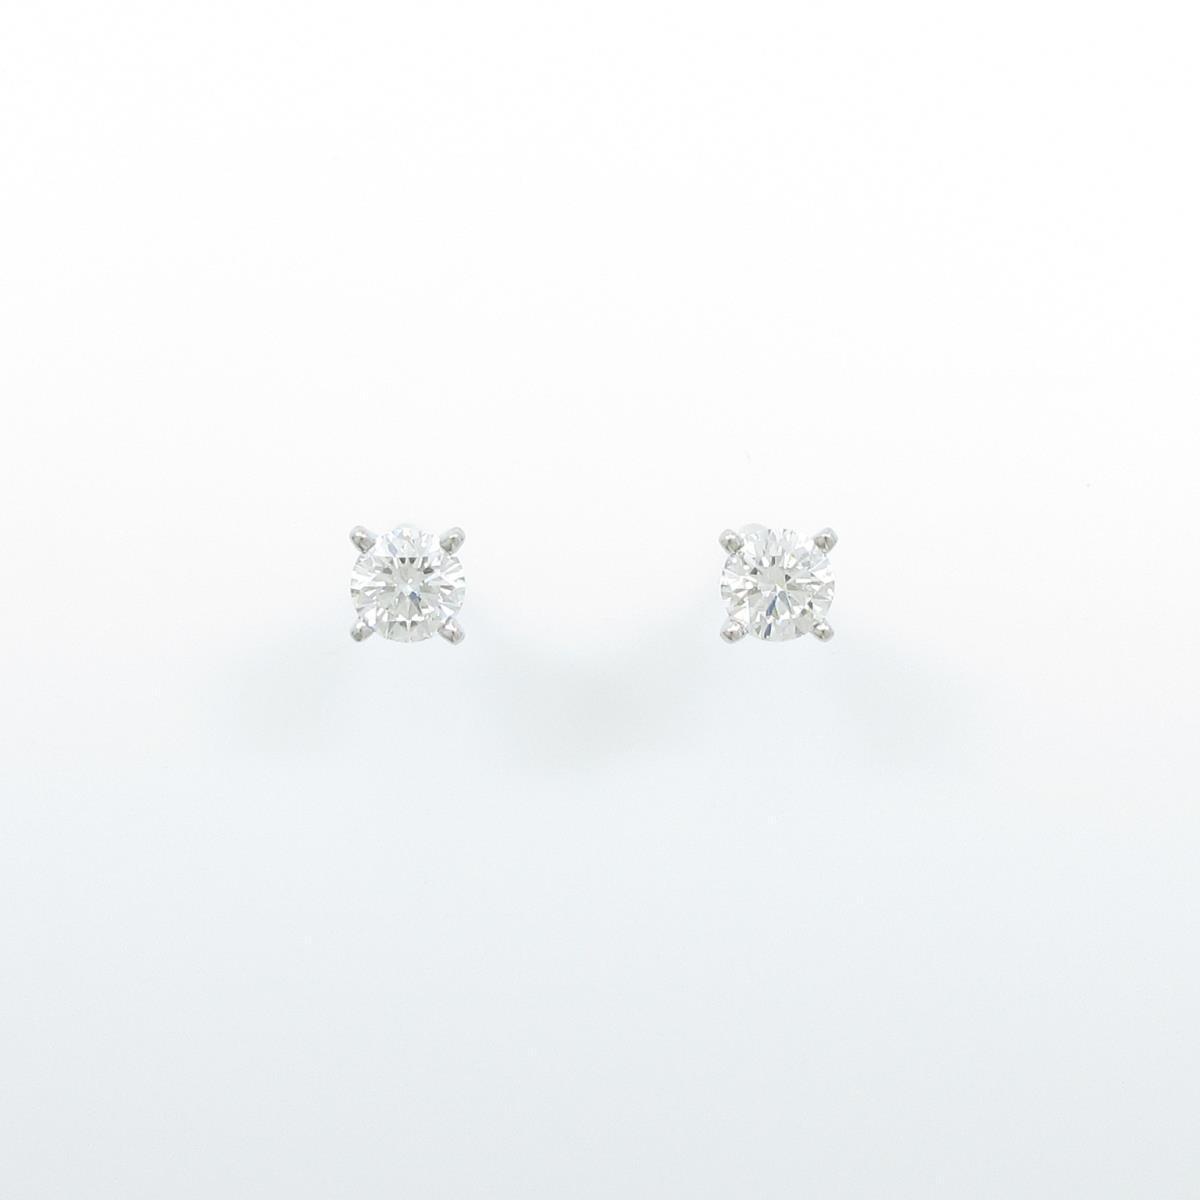 カルティエ ダイヤモンドピアス 0.50ct・0.50ct・G・VVS2-VS1【中古】